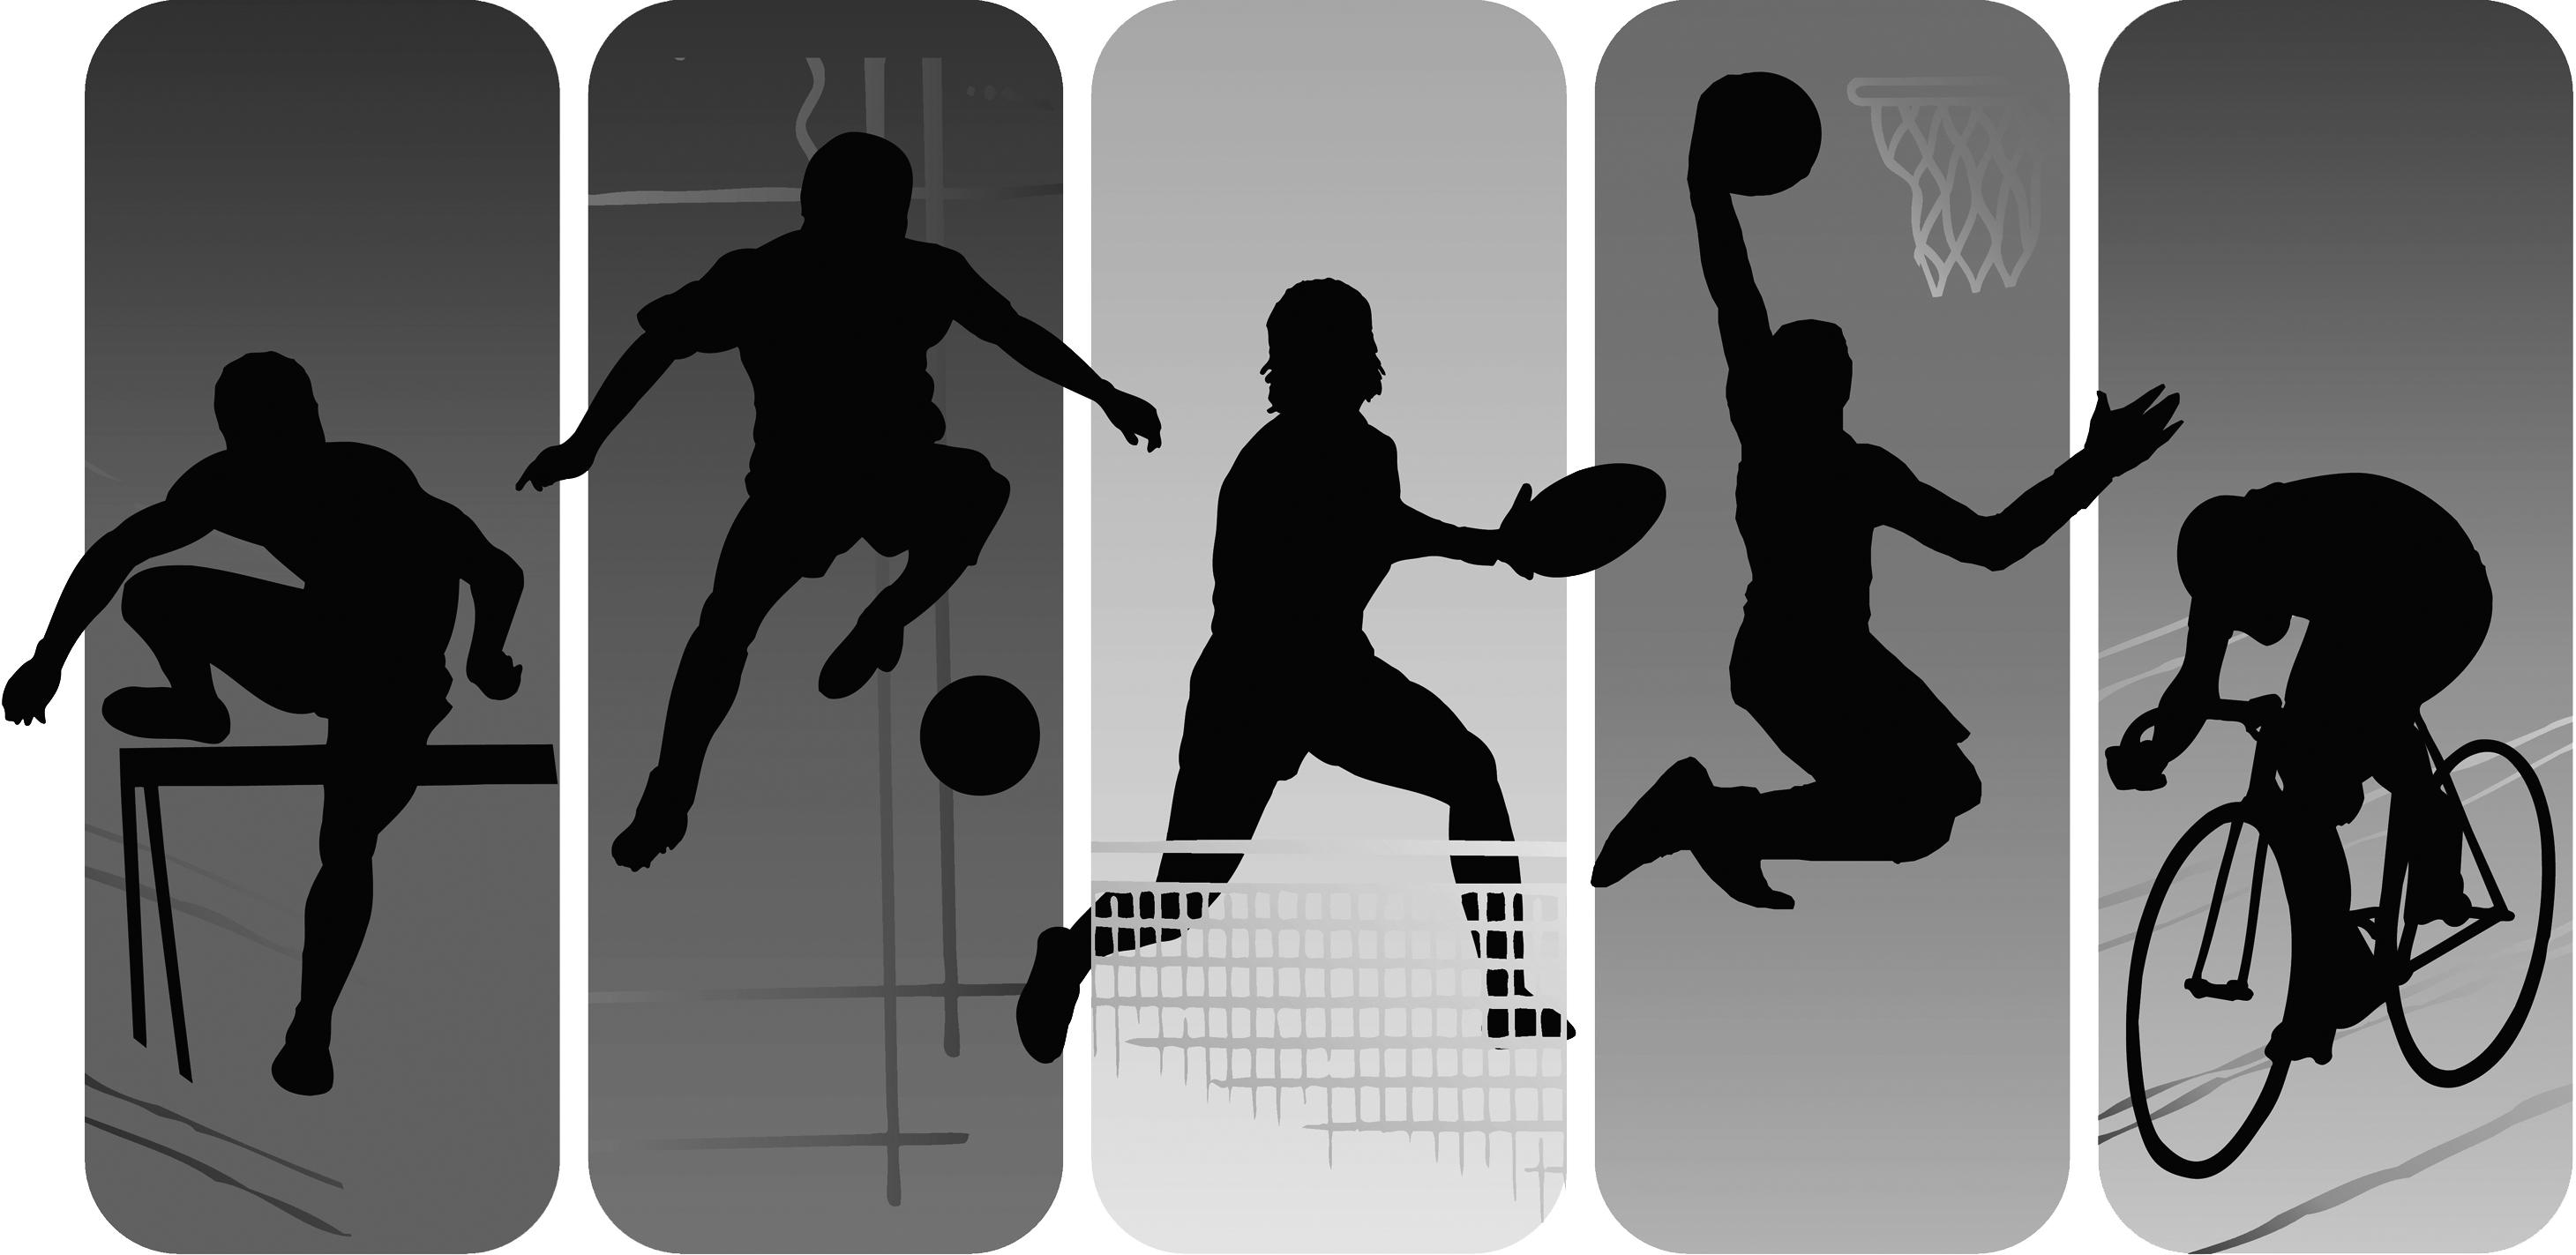 Protectores bucales: accesorio indispensable para la práctica deportiva